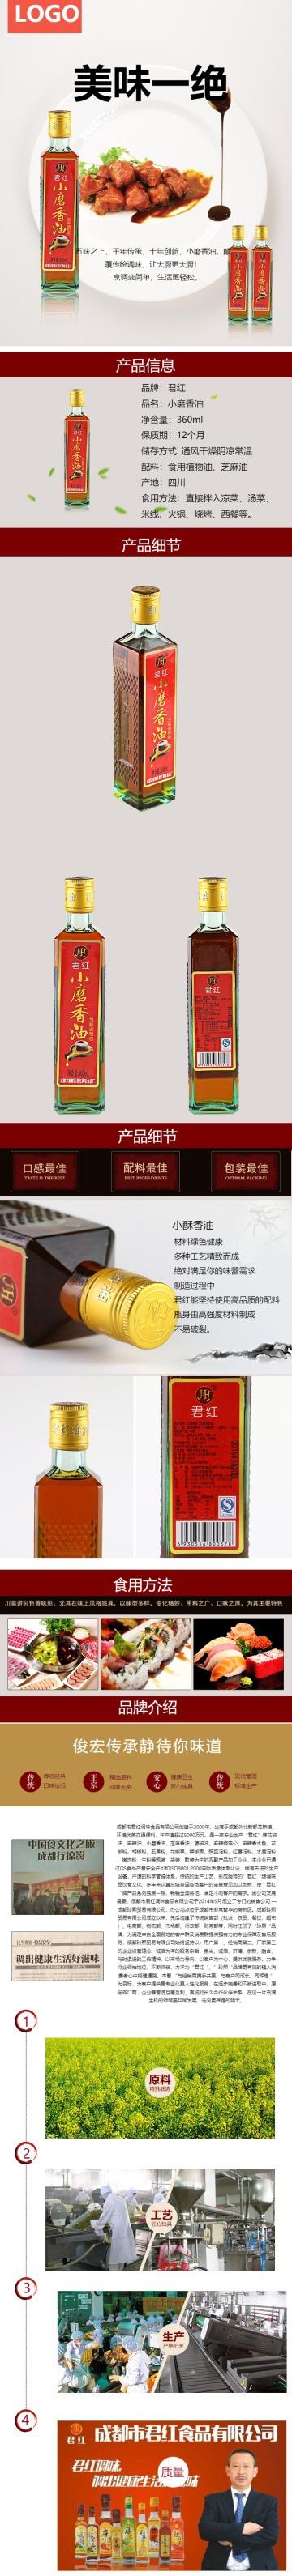 扁平简约百货零售粮油副食香油促销电商详情页